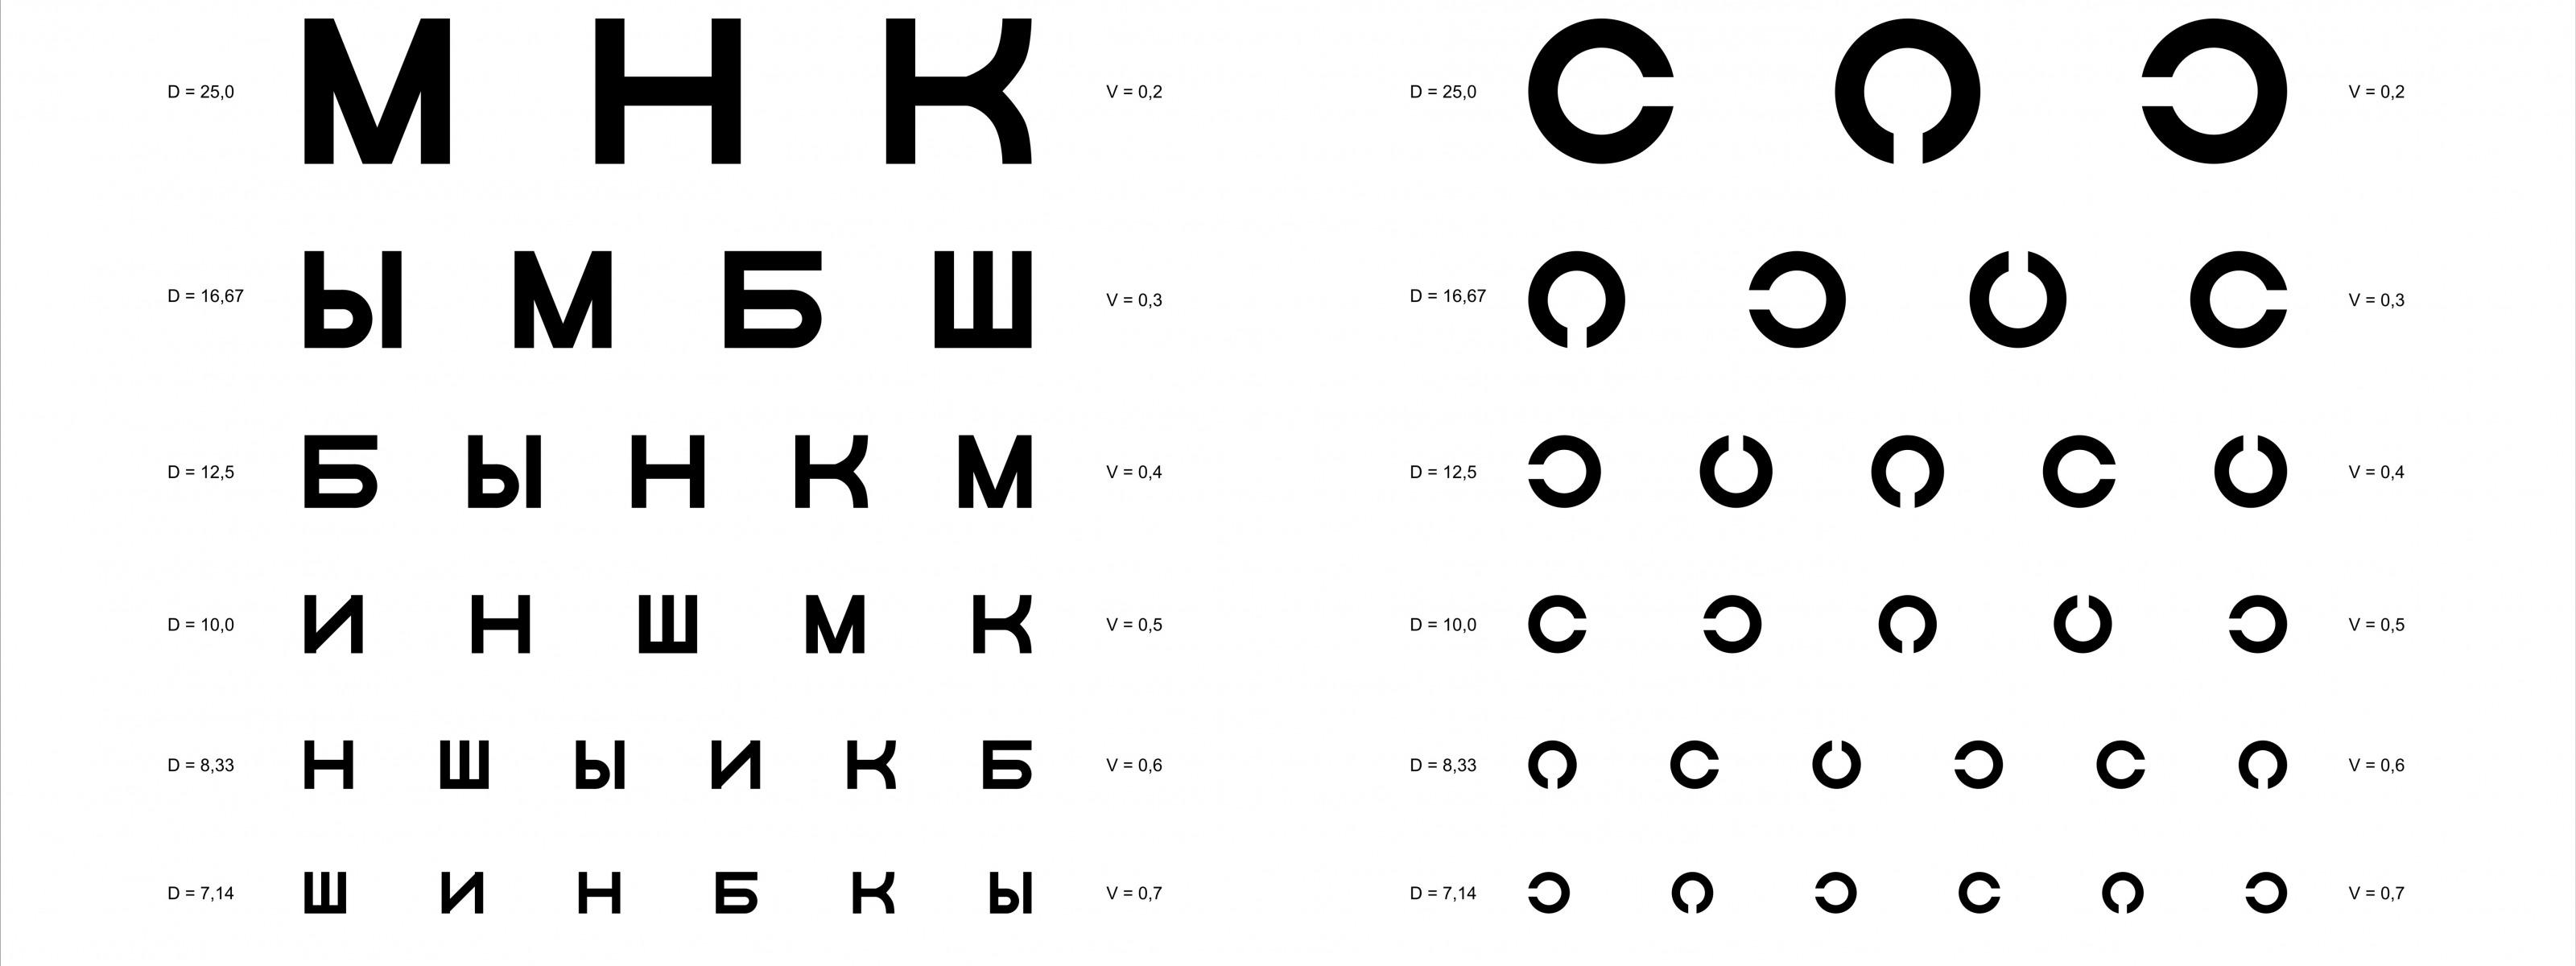 нередко таблица глазного фото буквы нём